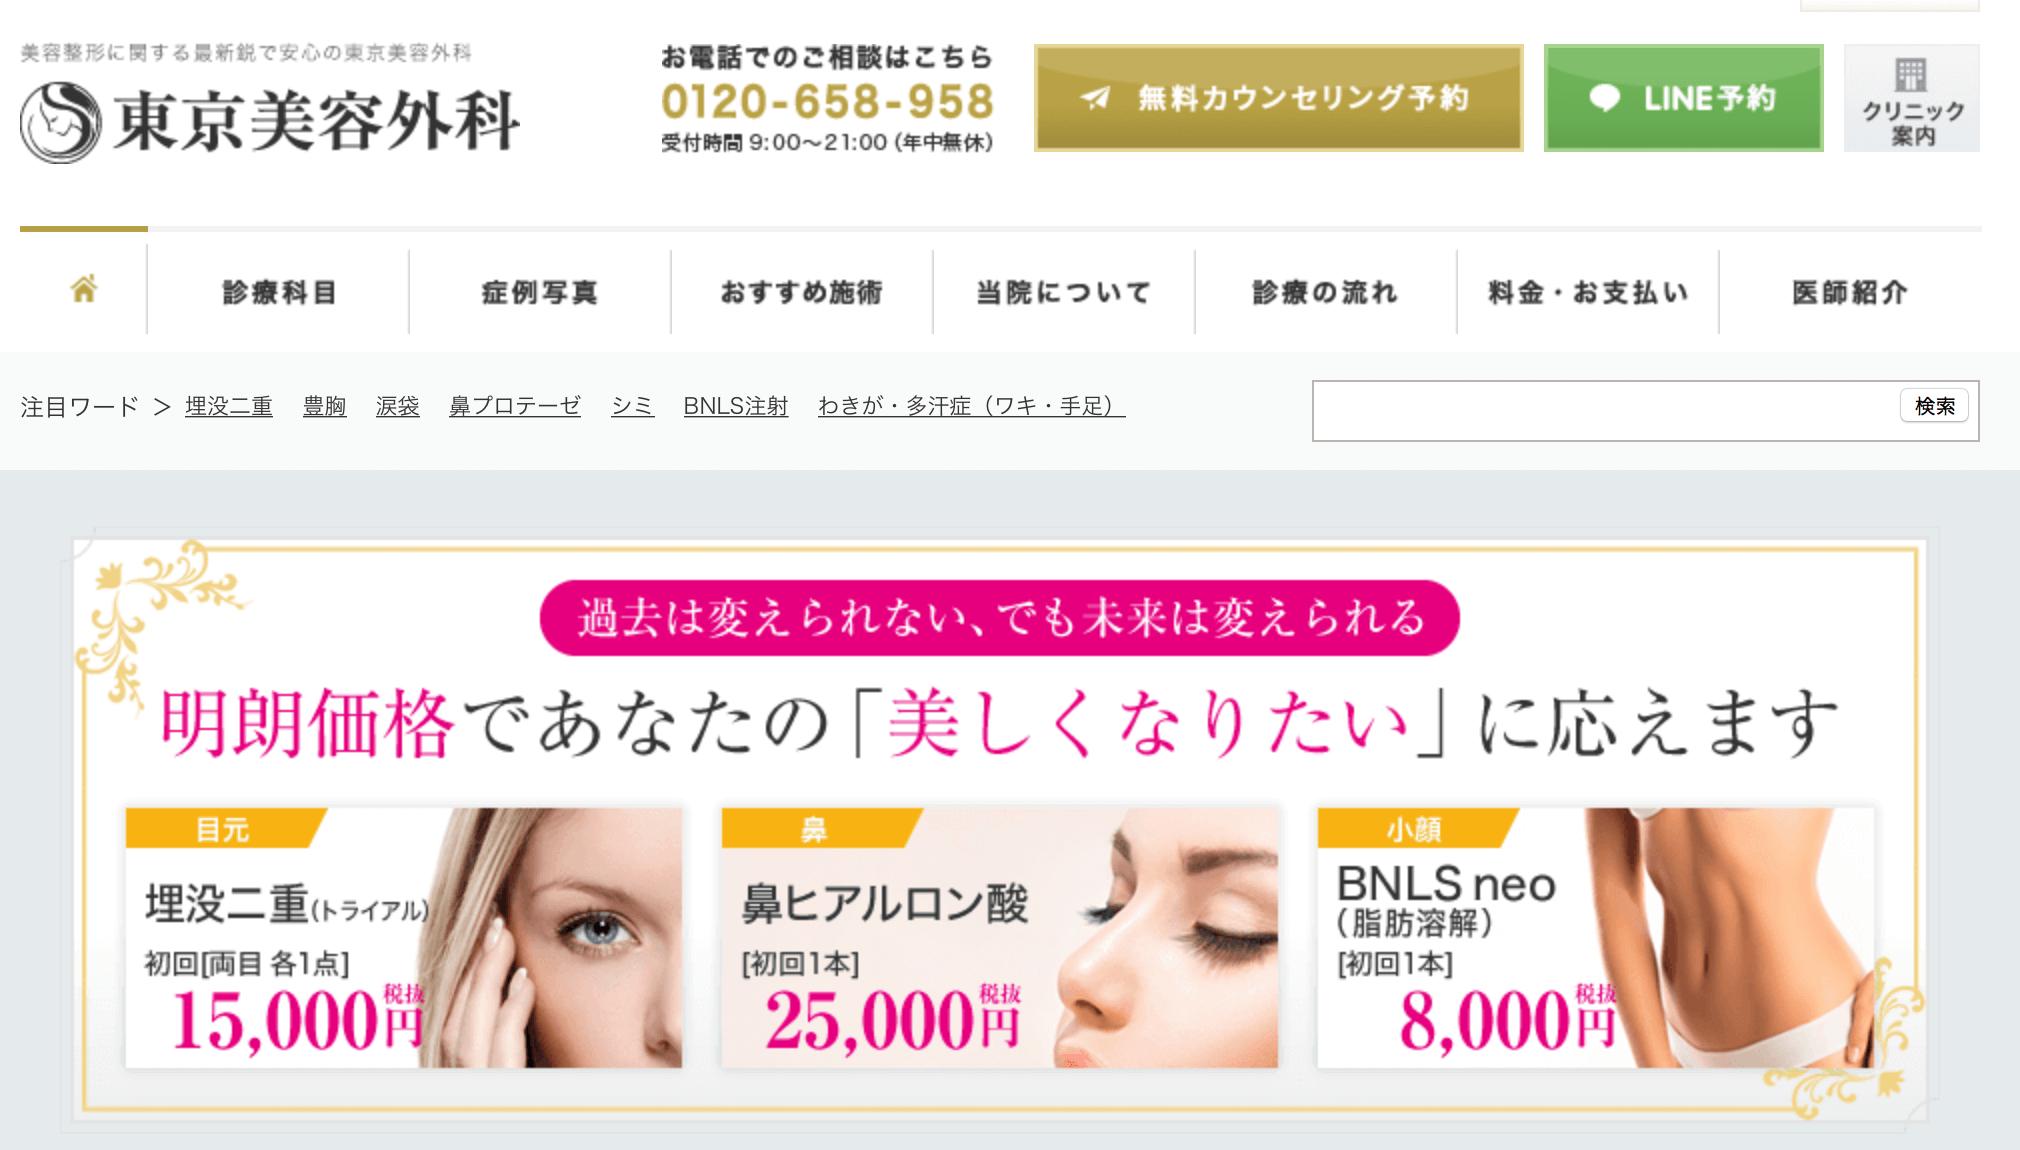 東京美容外科(AGAスキンクリニック レディース院提携院)の公式ページ